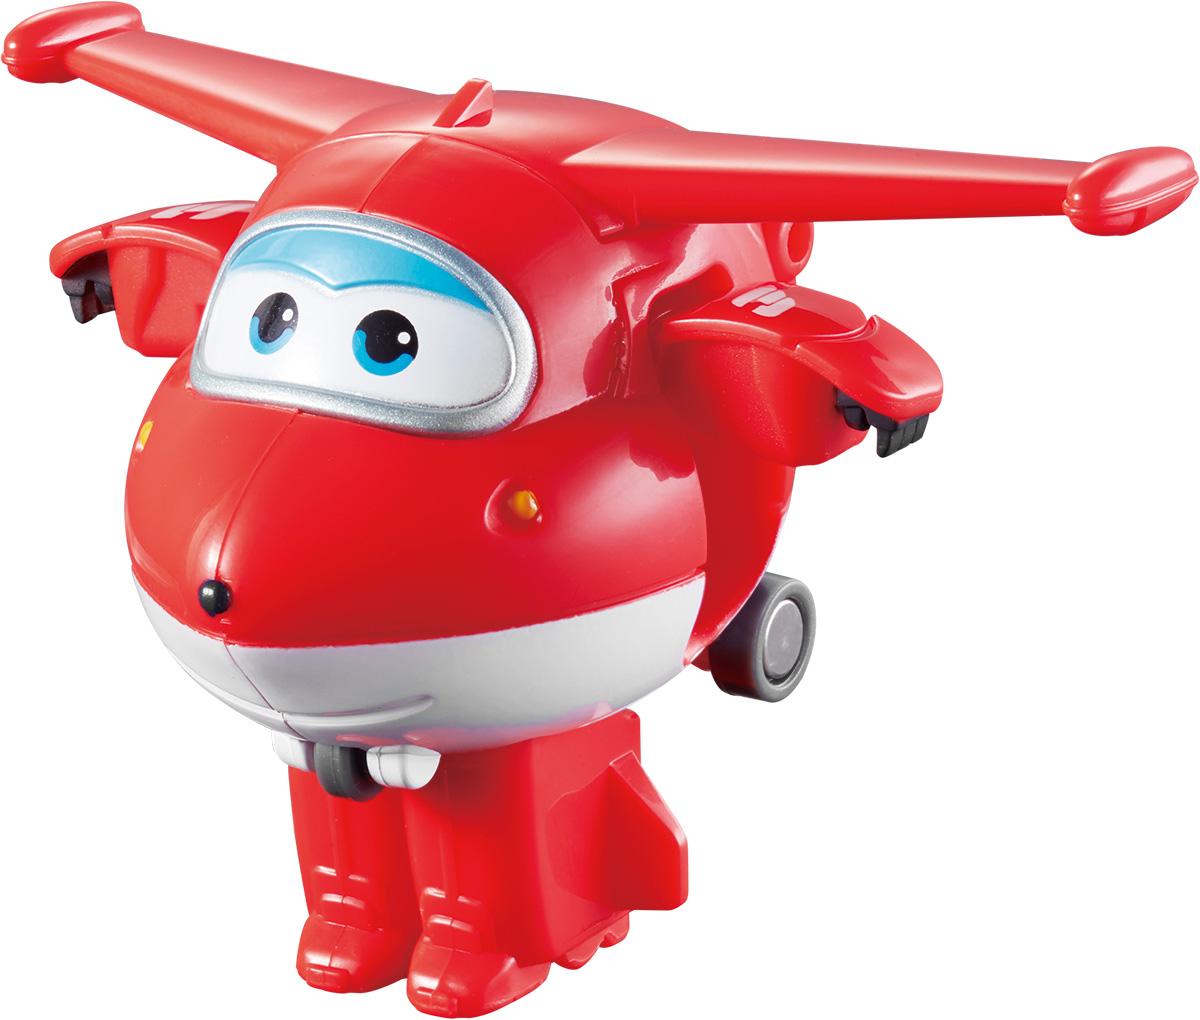 Super Wings Трансформер Джетт YW710010YW710010Супер Крылья (Super Wings) - дружная команда самолетов из многосерийного обучающего мультфильма. Для детей они - настоящие друзья, которые придут на помощь, когда бы они ни понадобились! Джетт доставляет долгожданные посылки мальчикам и девочкам по всему земному шару, знакомя детей с особенностями и традициями страны куда делает доставку. В разных странах ему помогают друзья: Донни, Диззи, Пол и Мира и другие. Отважные герои учат ребят находить решения для непростых задач: от лепки китайских пельменей до спасения людей от извержения гавайского вулкана. Трансформер Super Wings Джетт полностью повторяет персонажа популярного мультфильма. Ребенок сможет с легкостью превратить самолет в робота и обратно! Шасси игрушки свободно вращаются, двери трансформируются в руки, а ноги робота легко выдвигаются из хвостовой части и убираются обратно. При помощи игрушек-трансформеров дети развивают любознательность, пространственное мышление, логику и мелкую моторику,...